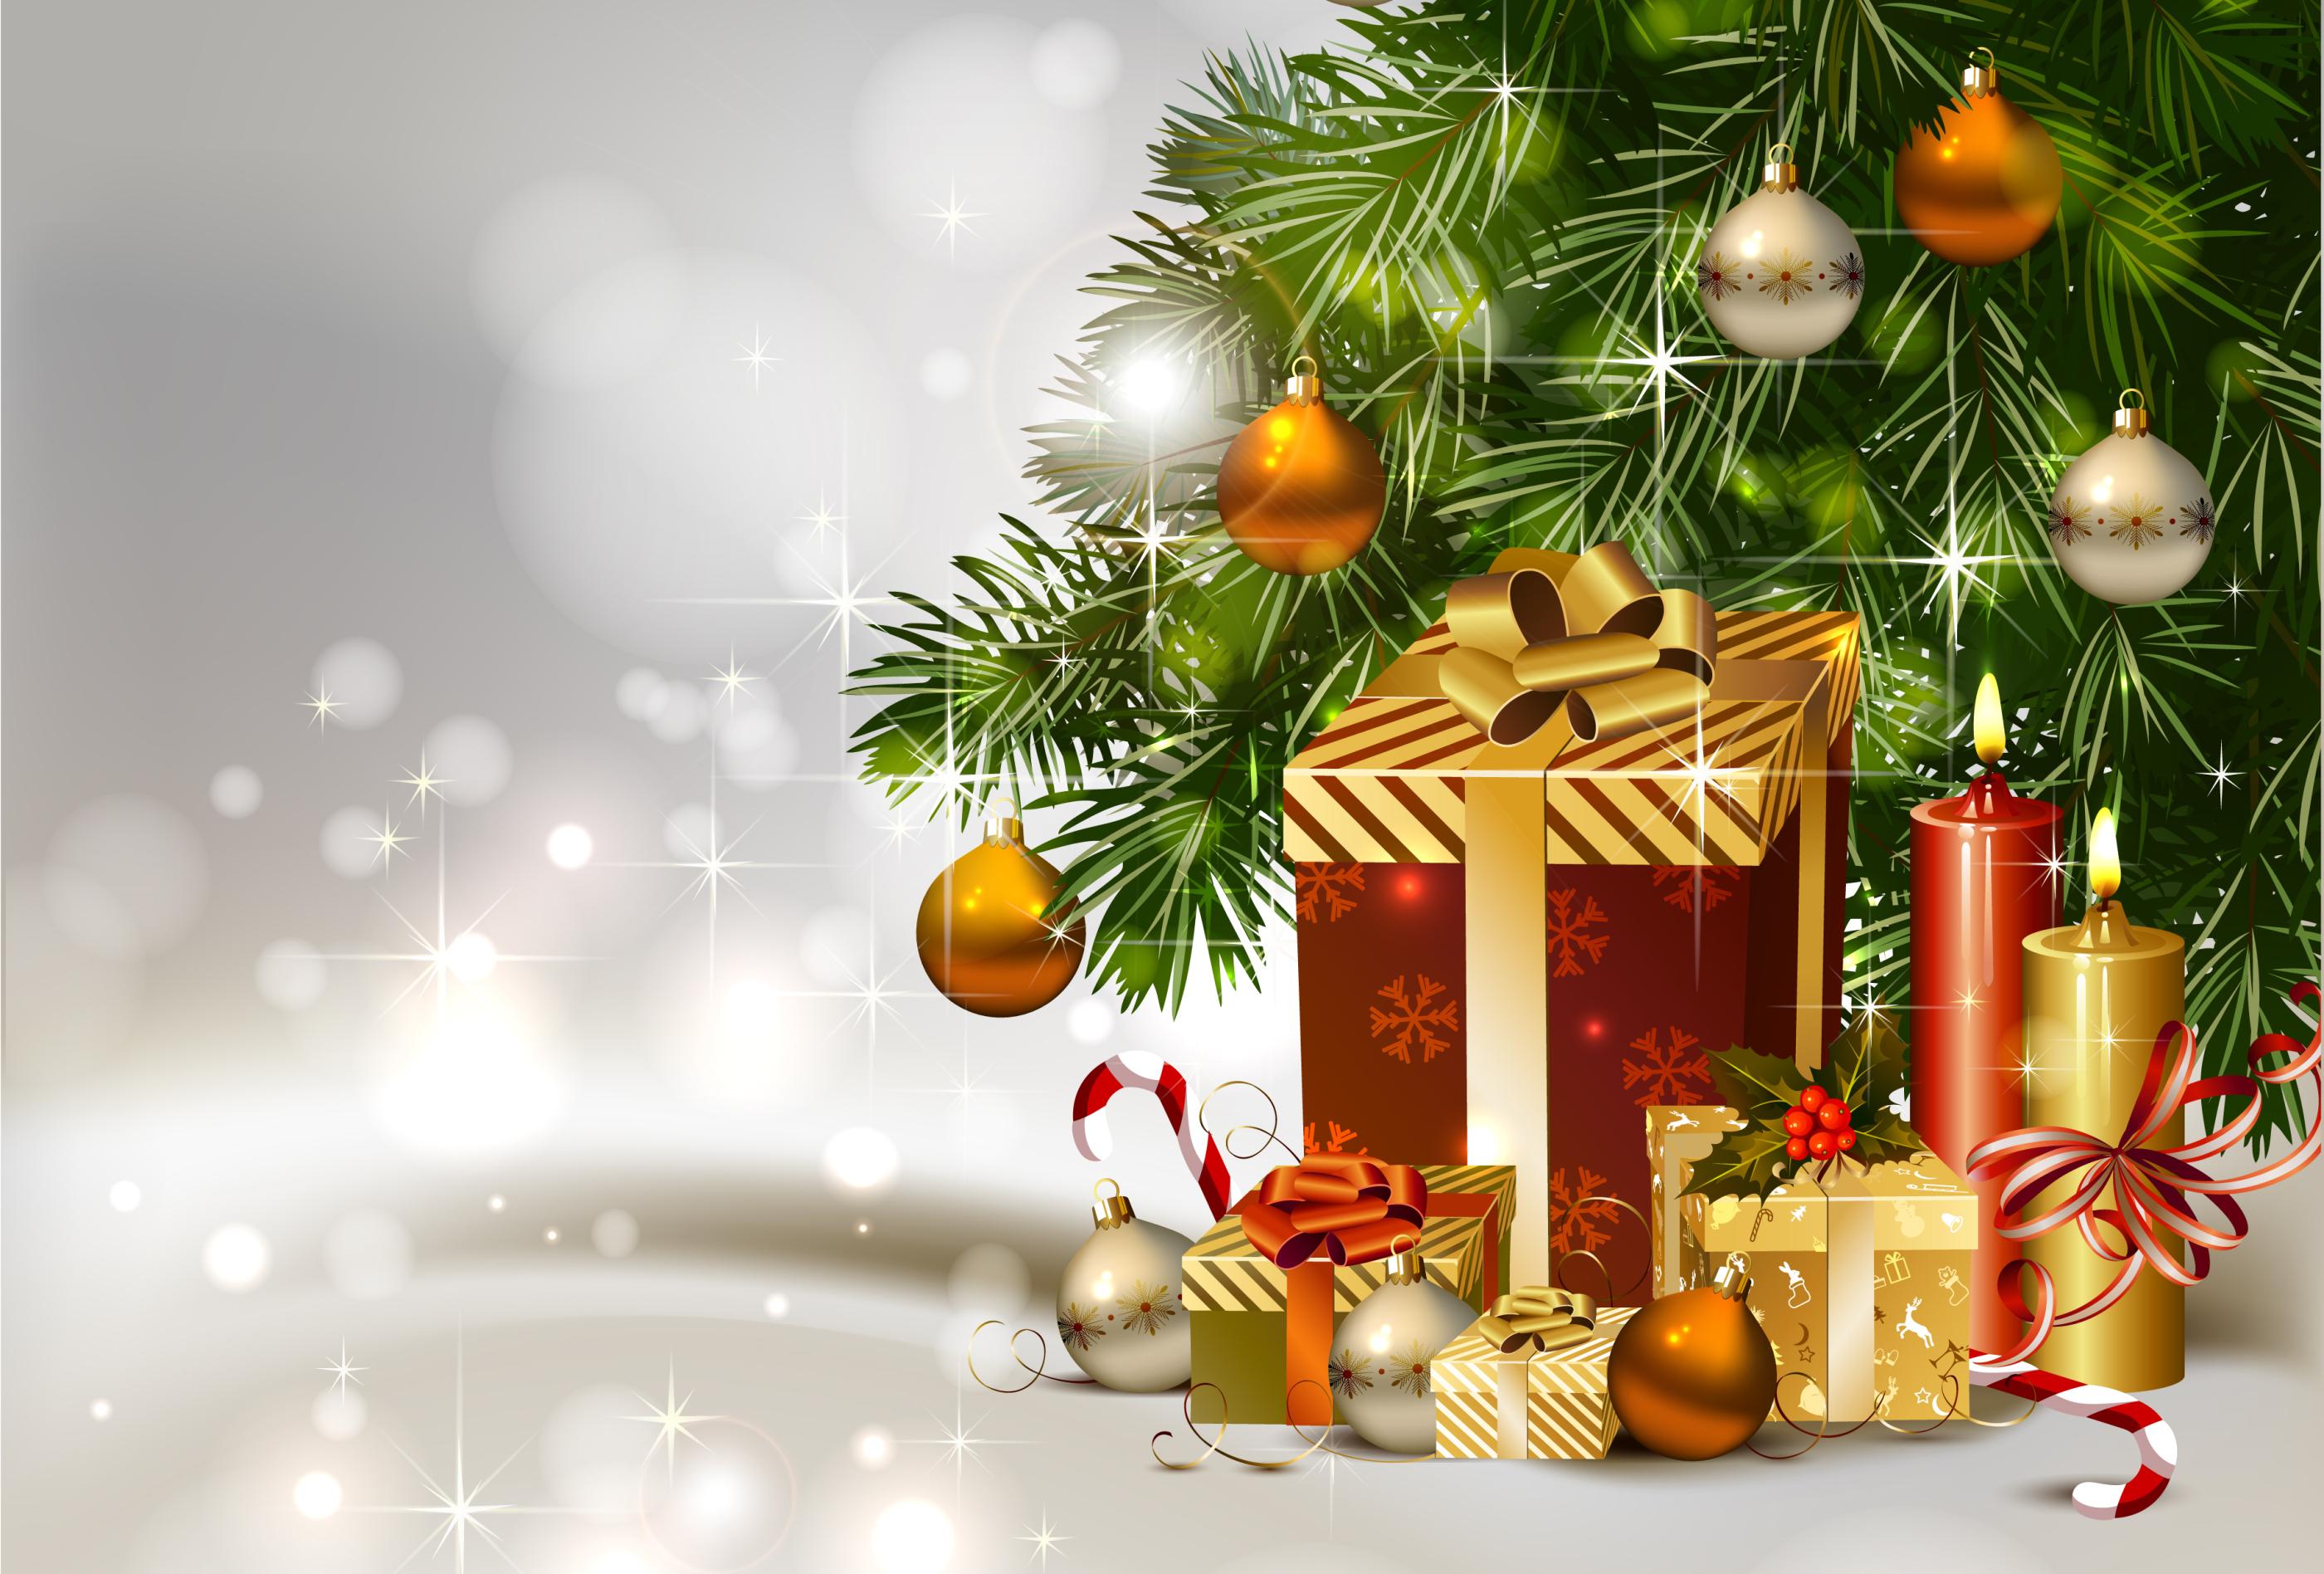 Открытка на новый год с подарками